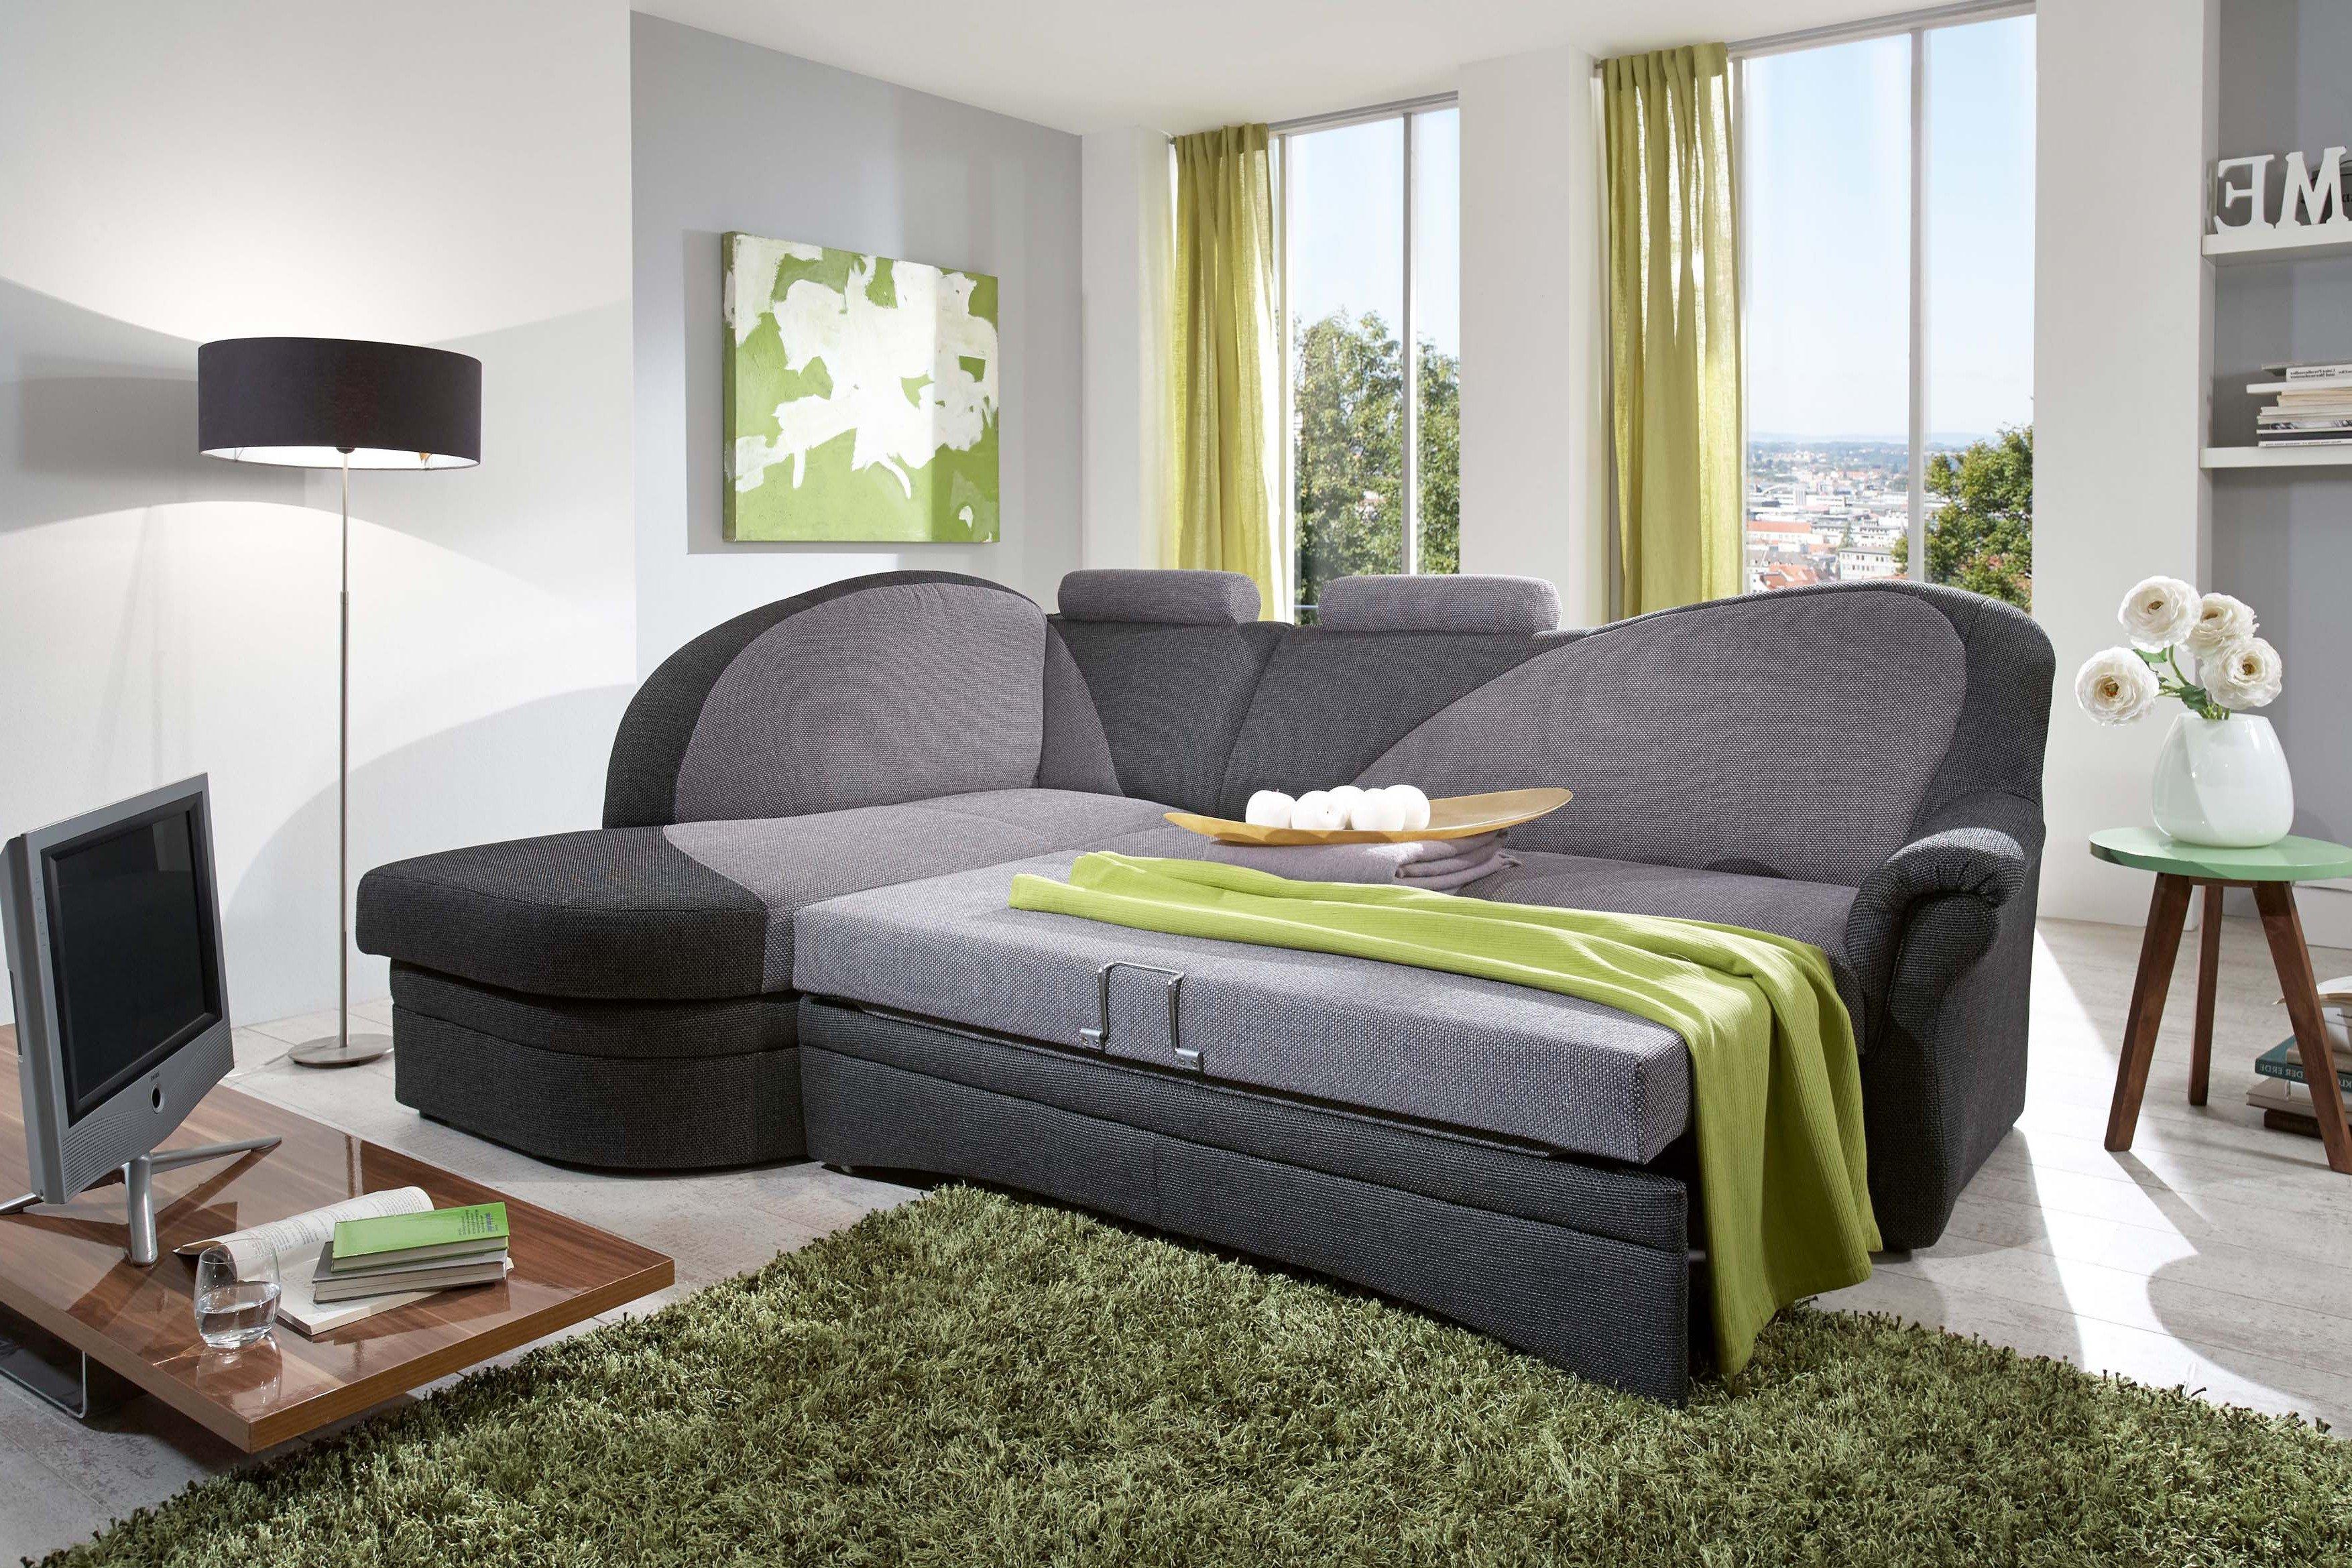 polipol polsterm bel helsinki eckcouch grau anthrazit. Black Bedroom Furniture Sets. Home Design Ideas